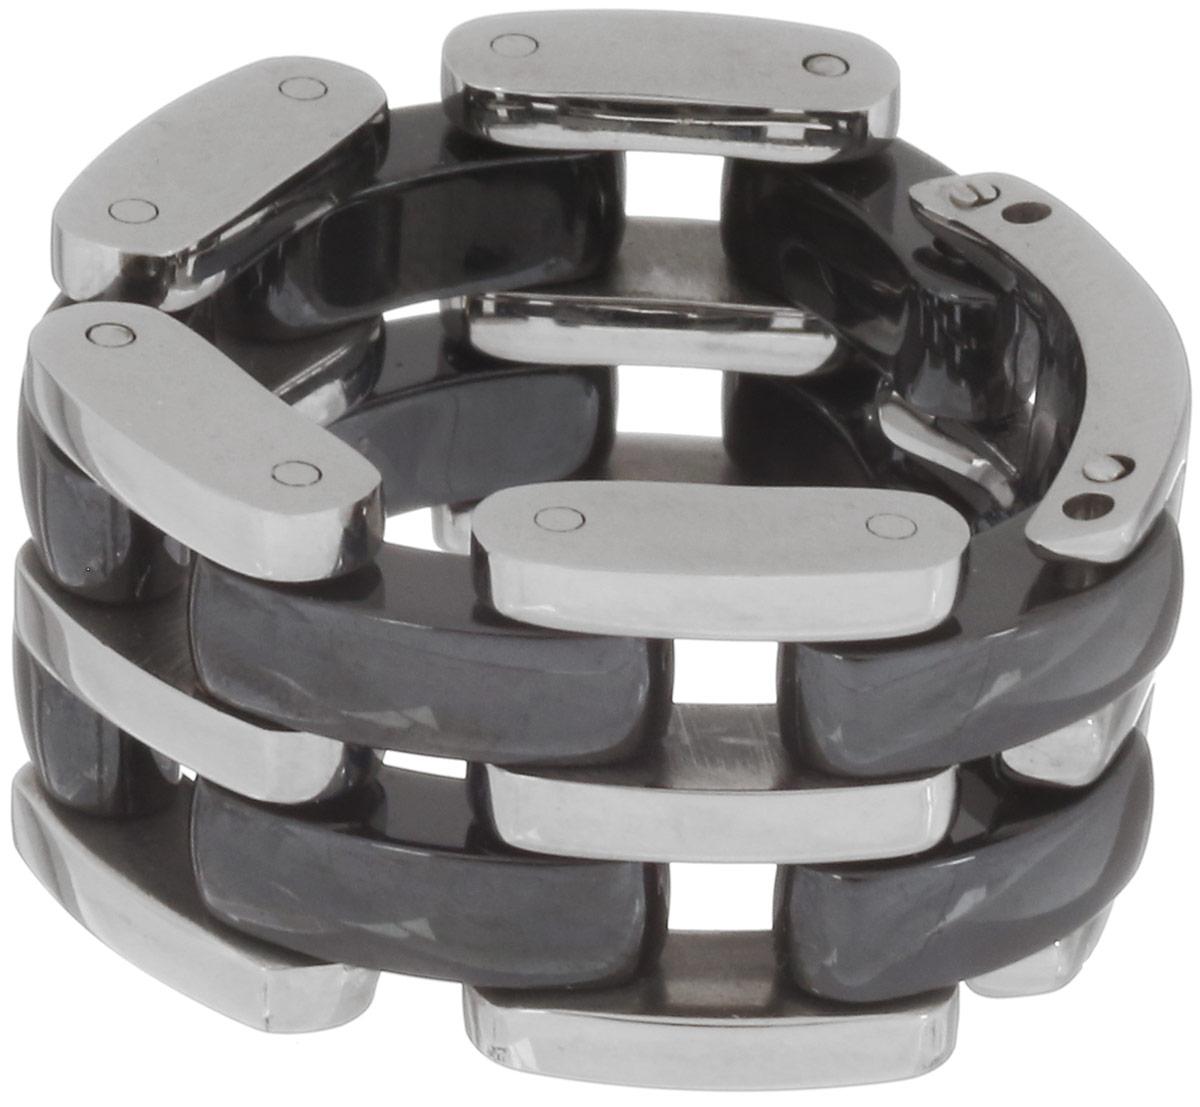 Кольцо Art-Silver, цвет: серебристый, черный. QD39B-783. Размер 16,5QD39B-783Стильное шарнирное кольцо Art-Silver изготовлено из керамики и стали. Модель оформлена оригинальным плетением. Стильное кольцо придаст вашему образу изюминку и подчеркнет индивидуальность.